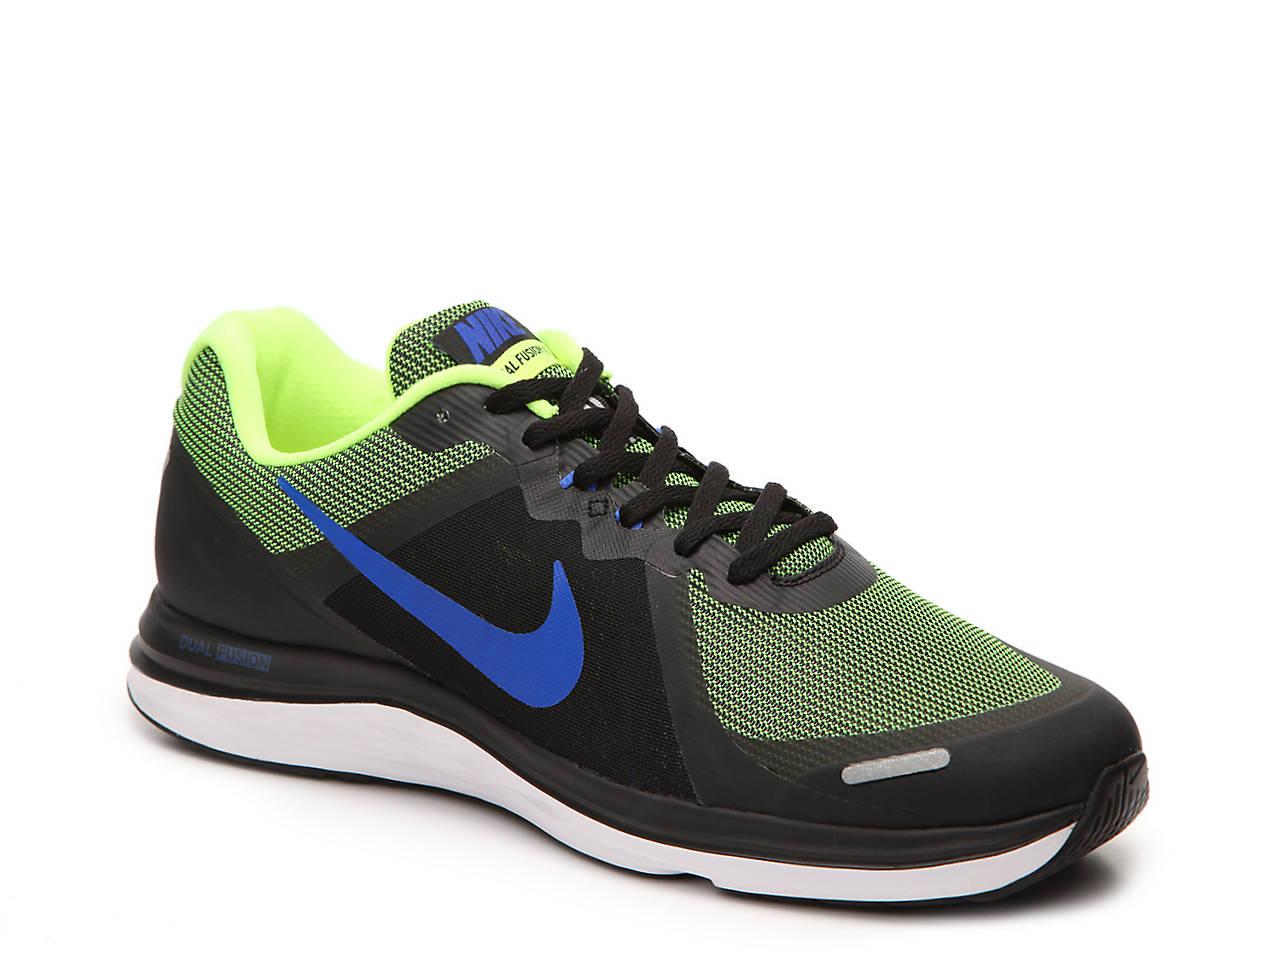 34f0b3c1fc9554 Nike Dual Fusion X2 Lightweight Running Shoe - Men s Men s Shoes